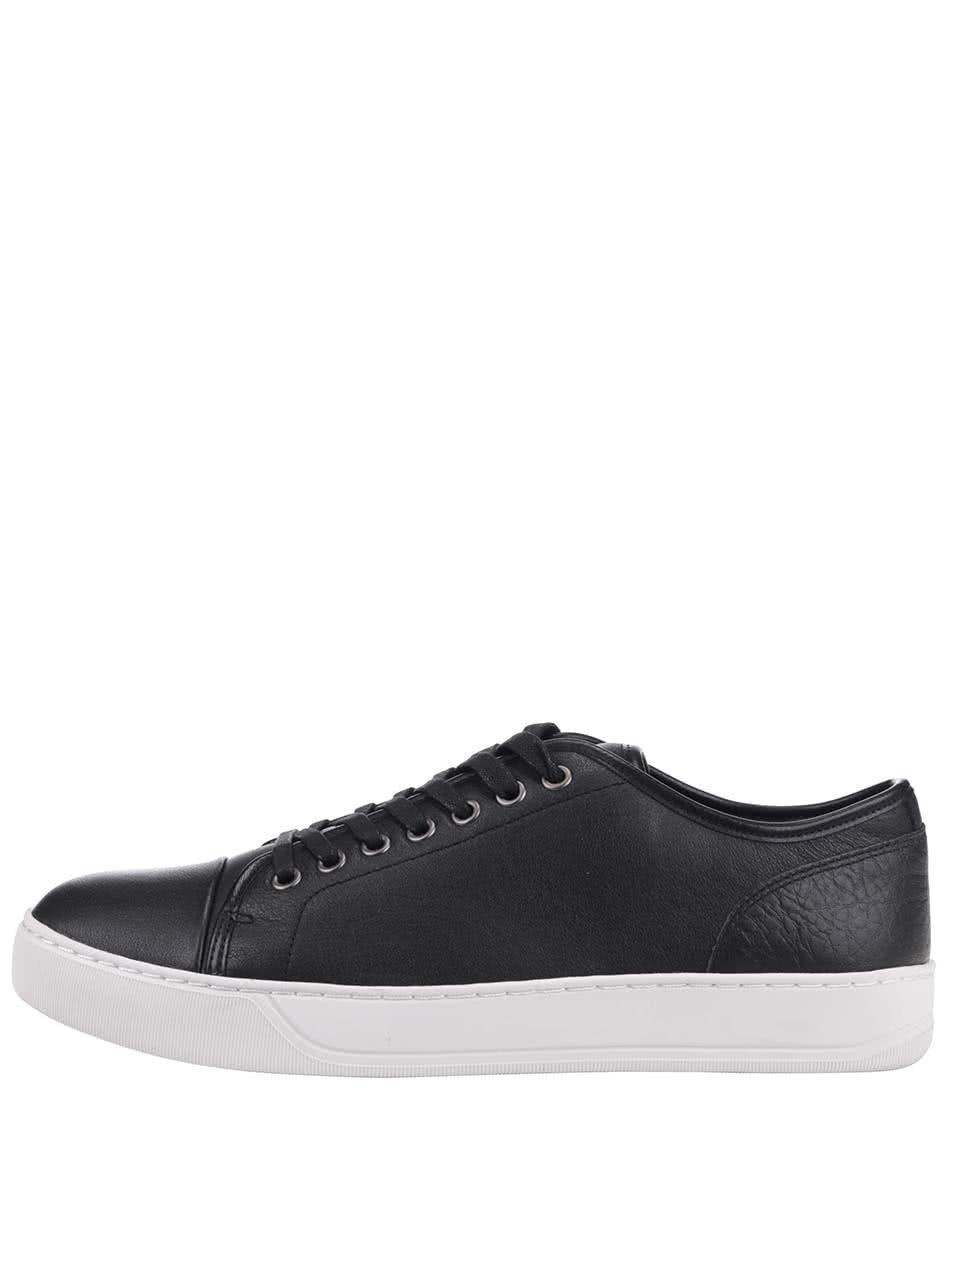 Černé pánské kožené tenisky ALDO Gelassa